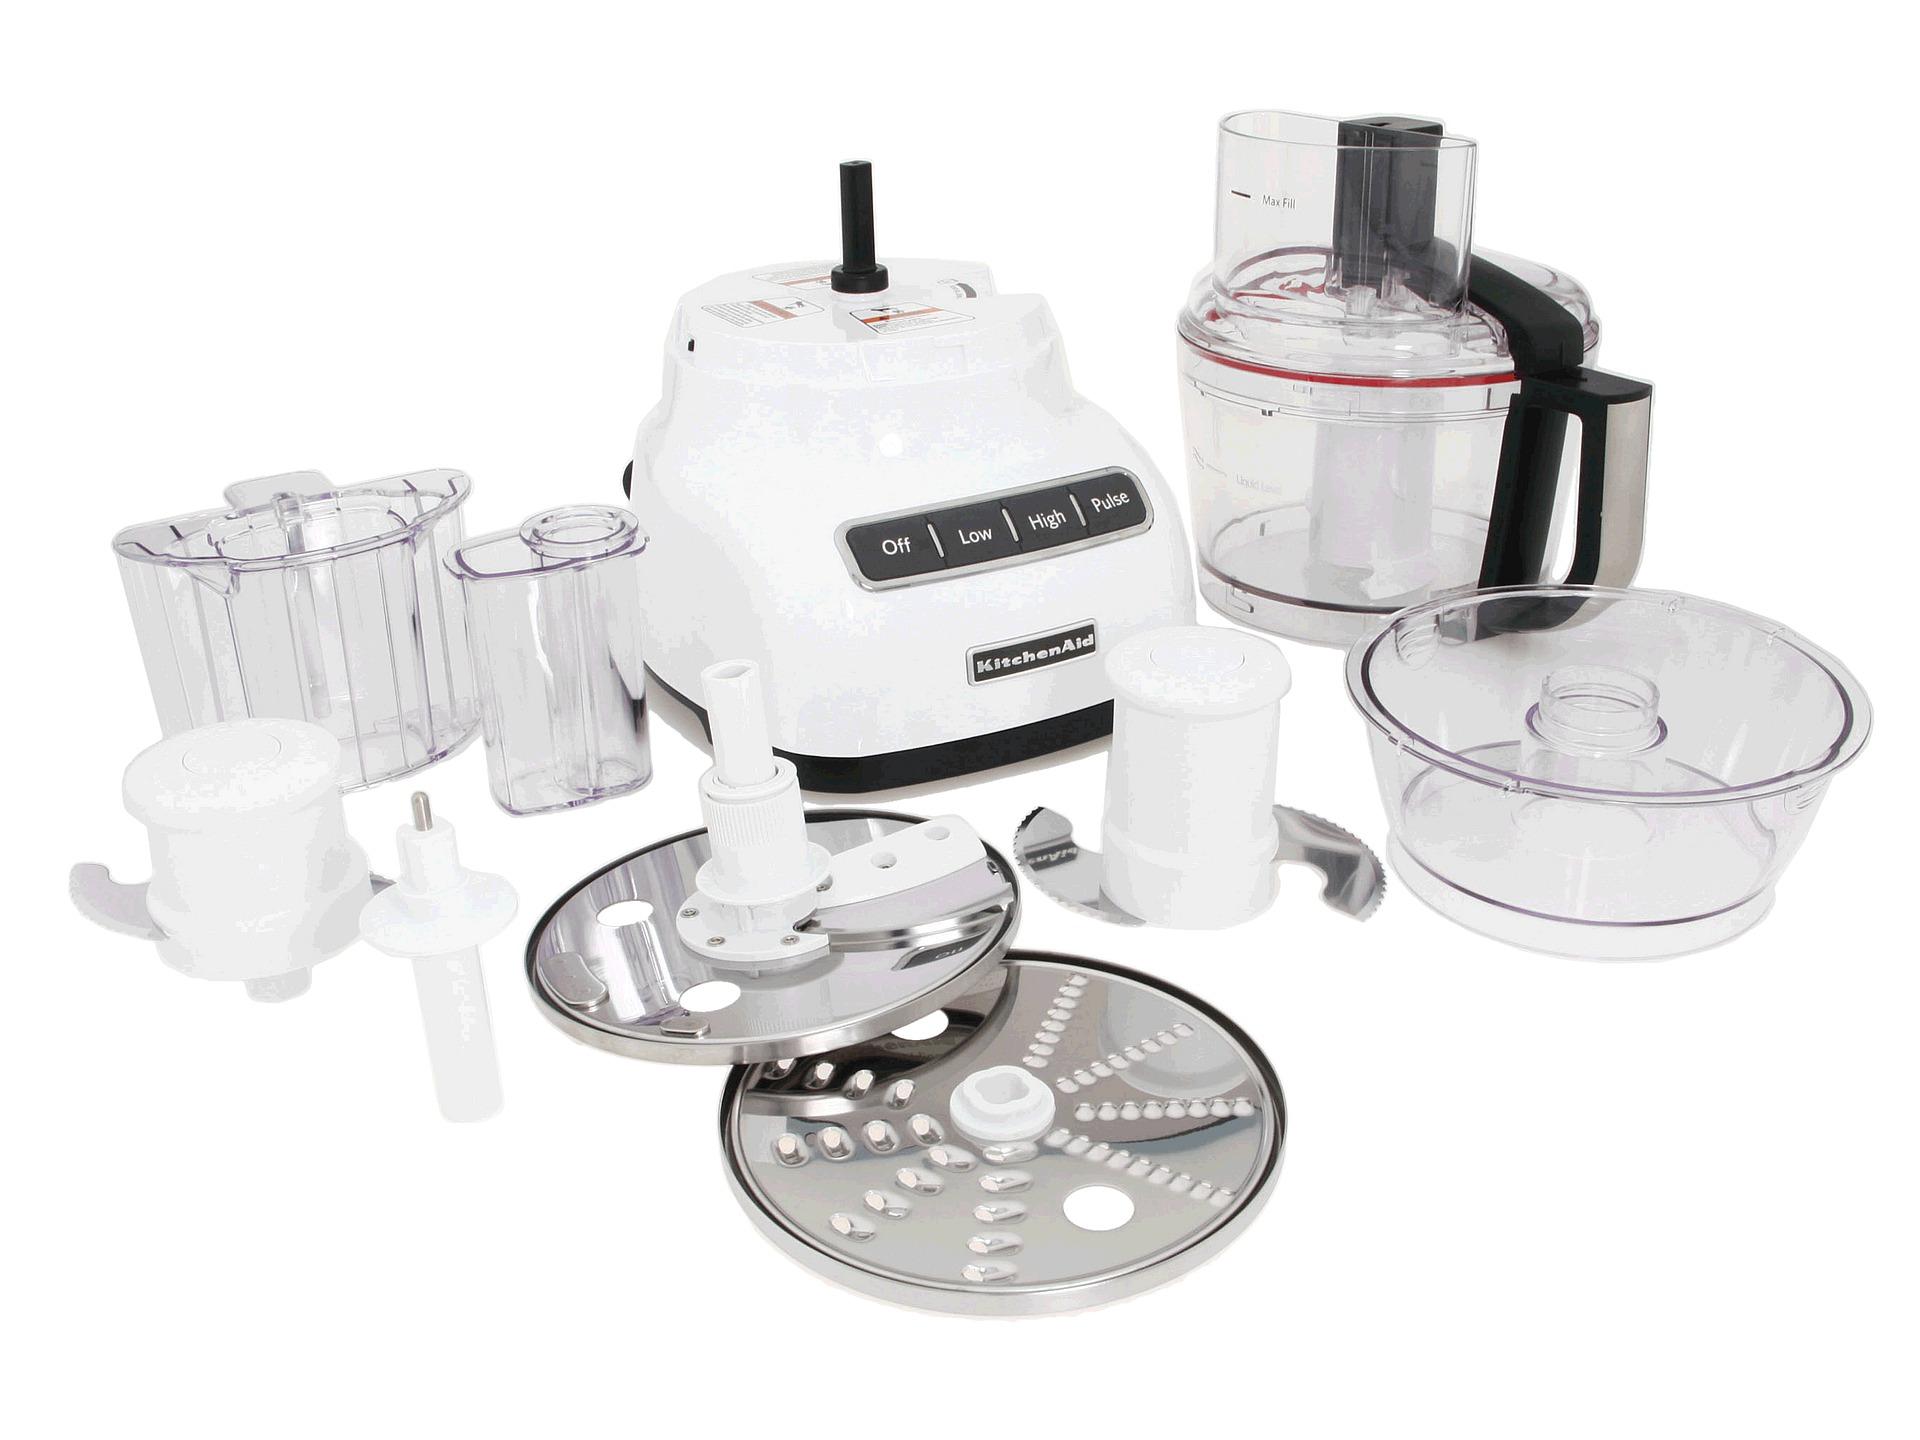 Kitchenaid mini food processor photo - 1